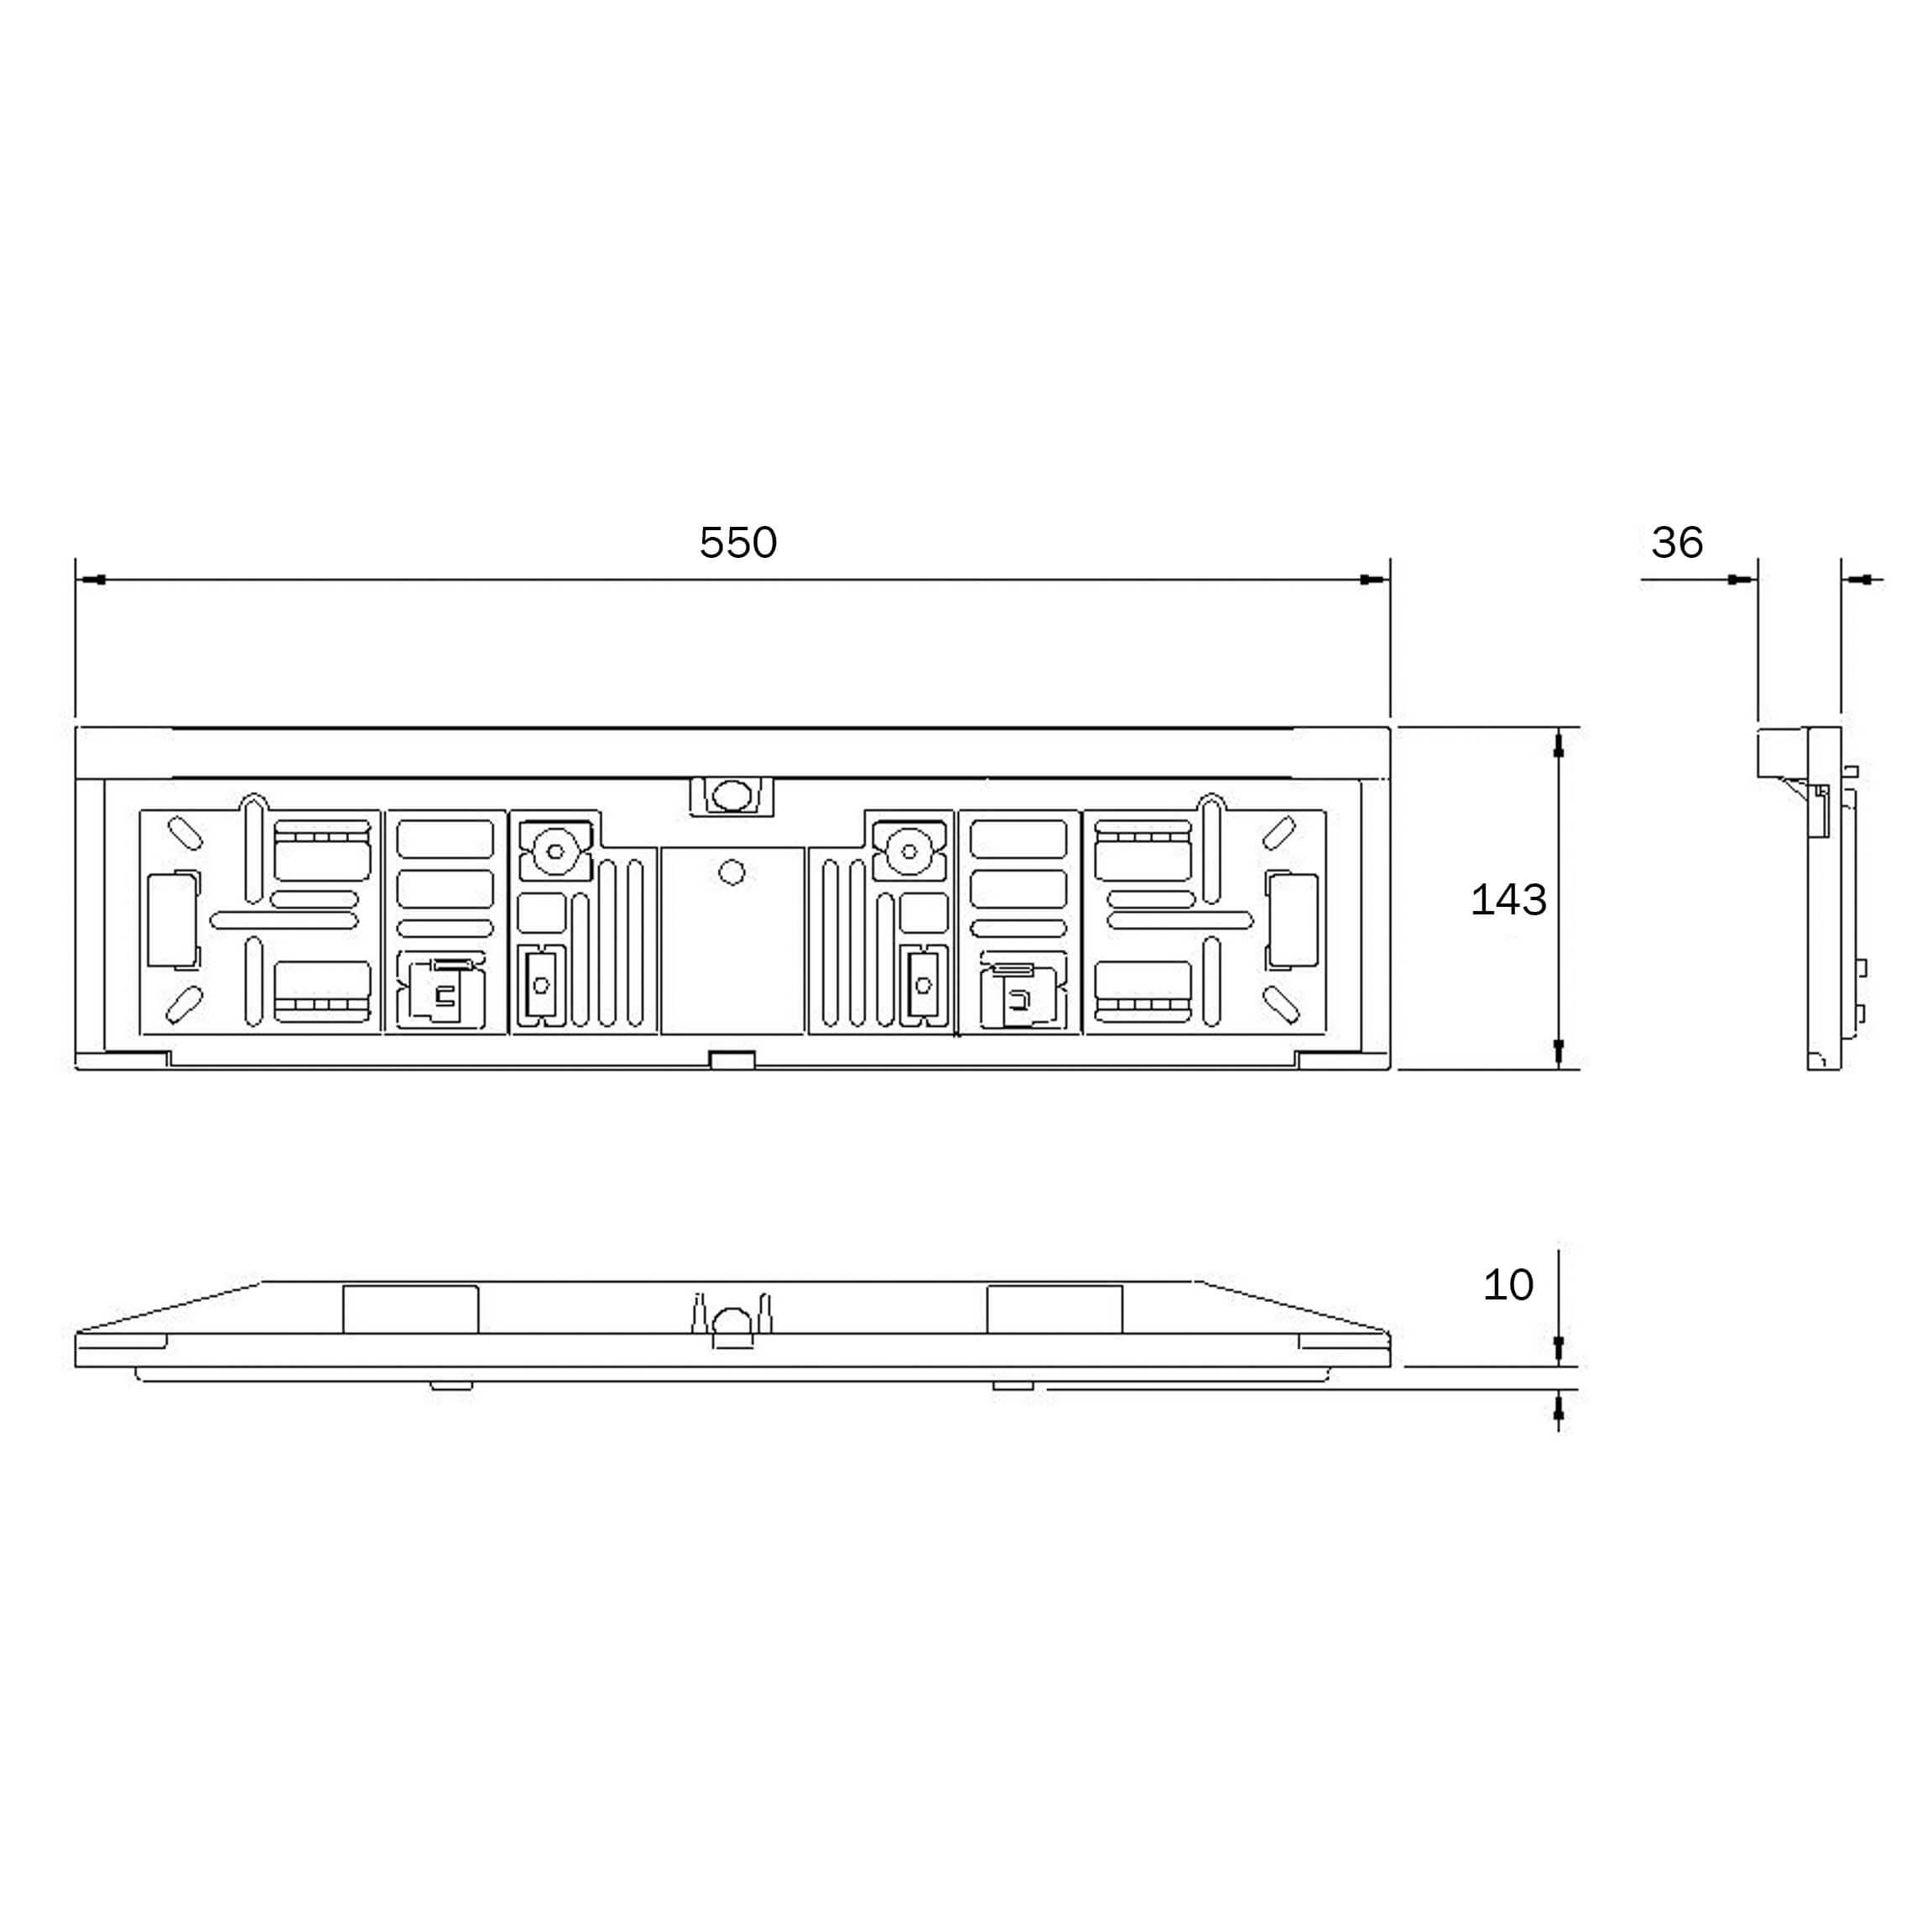 Fantastisch Anhänger Lichtplug Diagramm Fotos - Schaltplan Serie ...